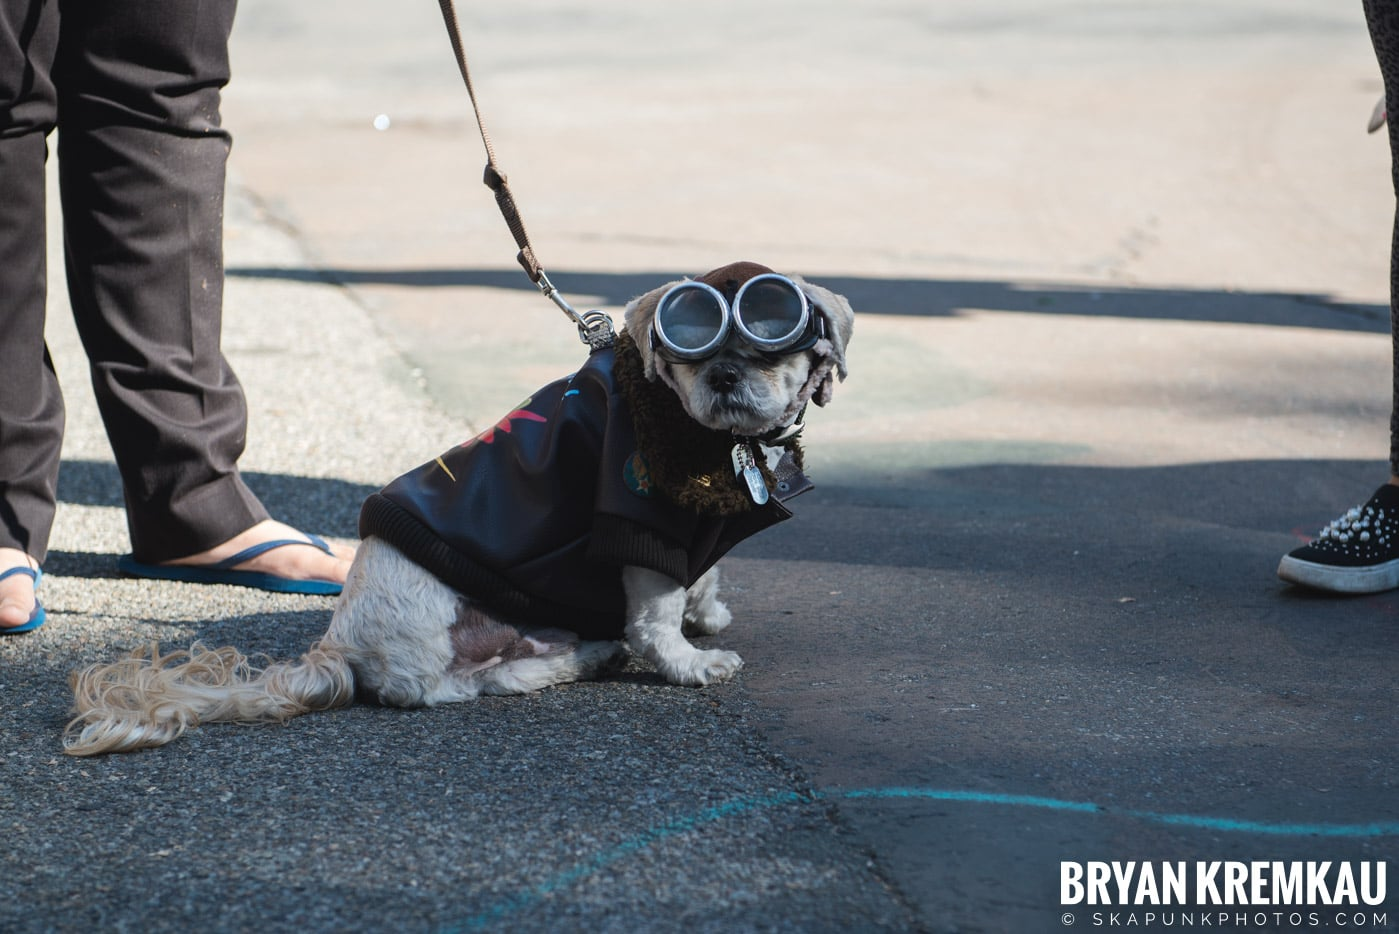 Tompkins Square Park Halloween Dog Parade 2017 @ Tompkins Square Park, NYC - 10.21.17 (44)